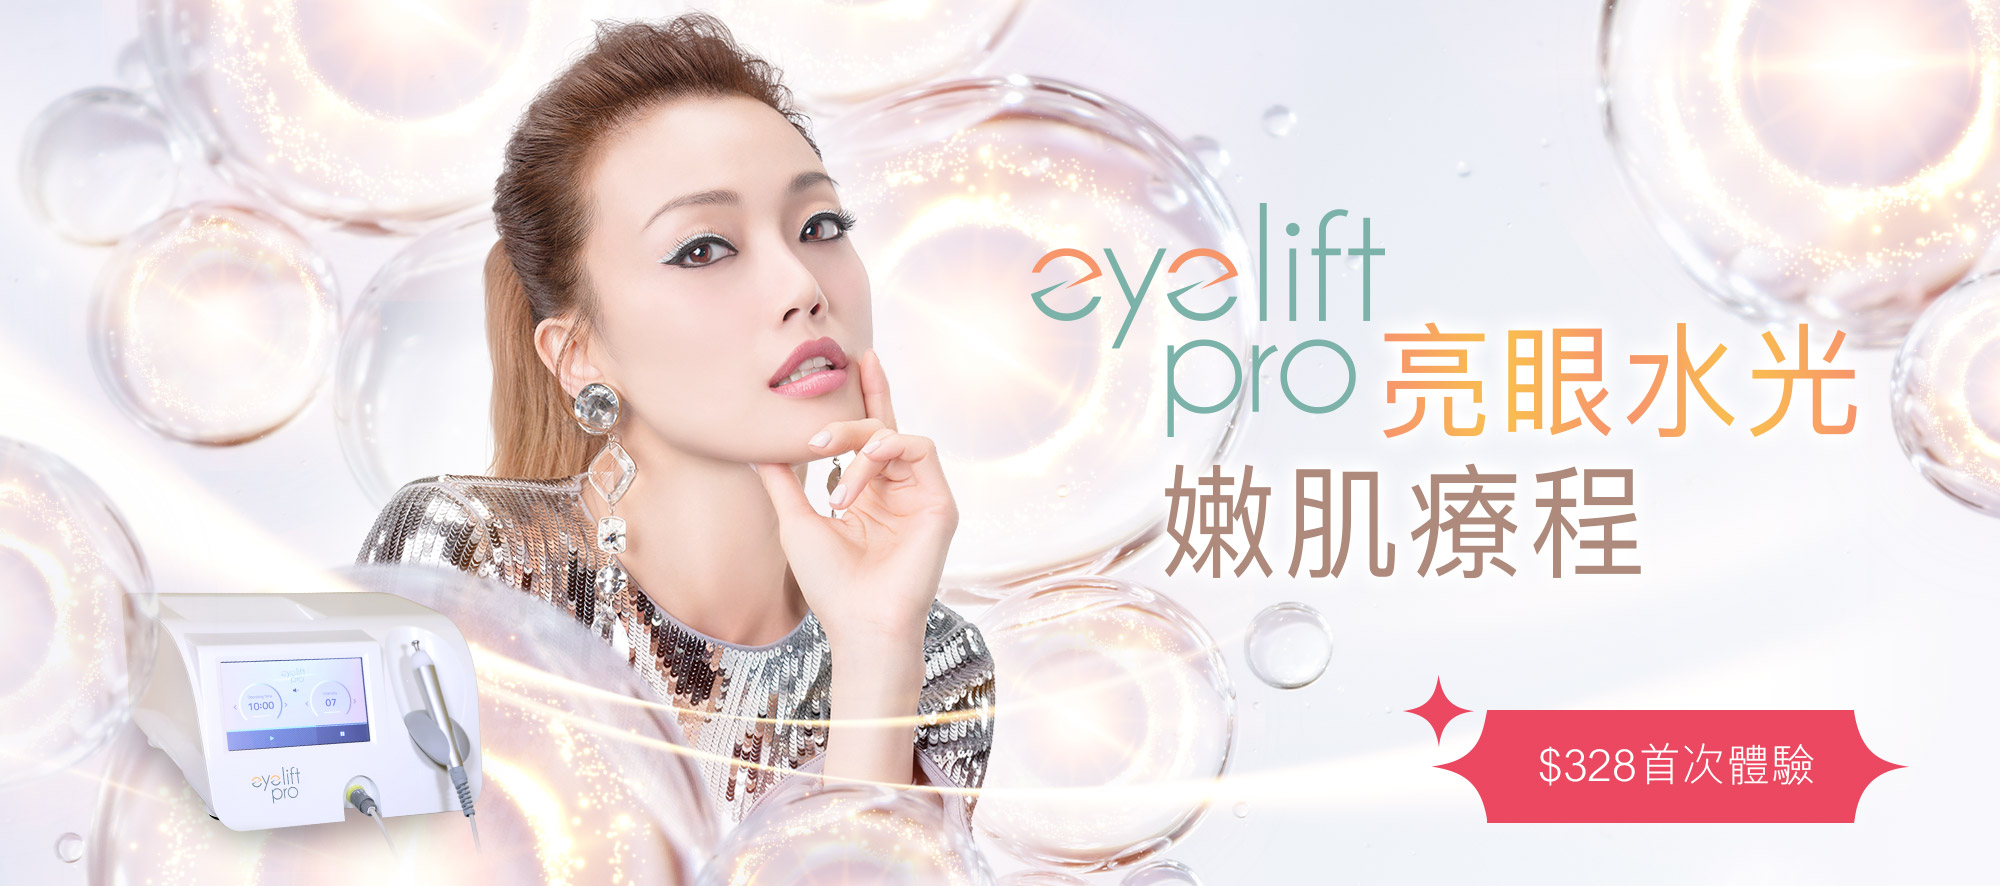 體驗獨家Eyelift Pro眼部護理